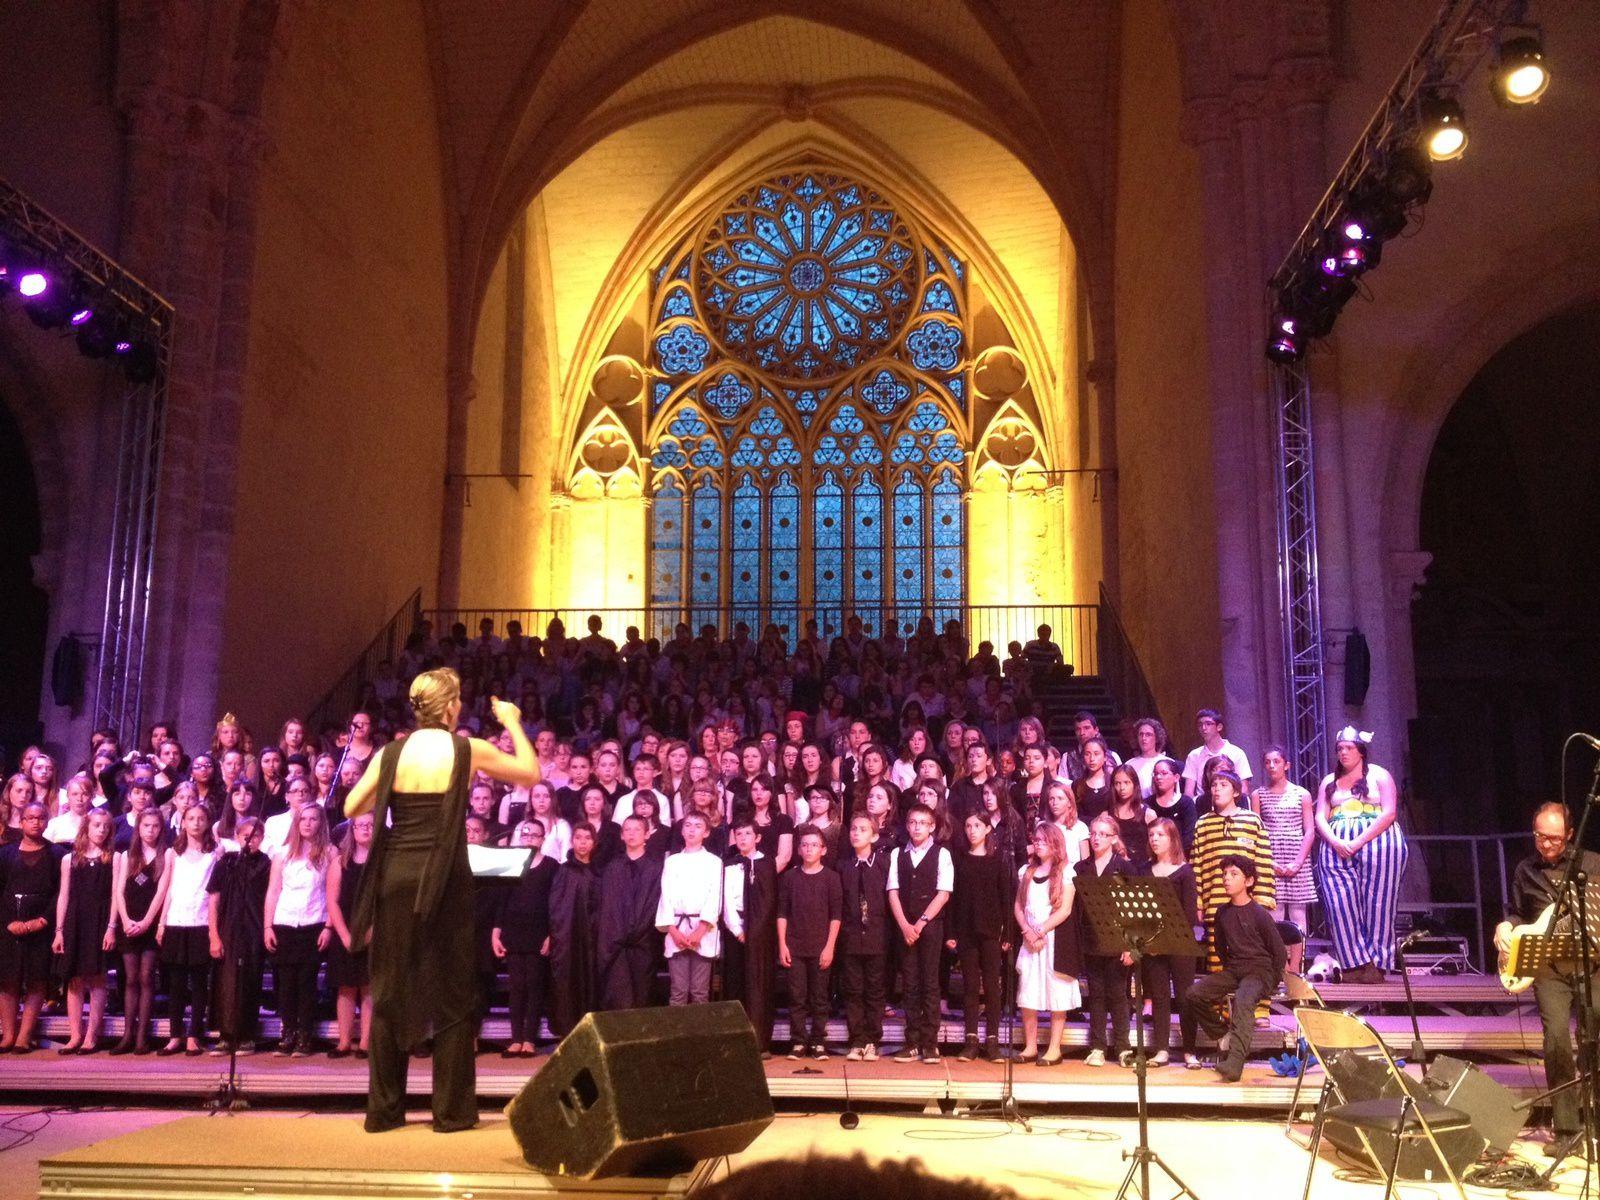 Chorallèges 2014 à l'abbaye de l'épau... Superbe concert des chorales des collèges de la Sarthe